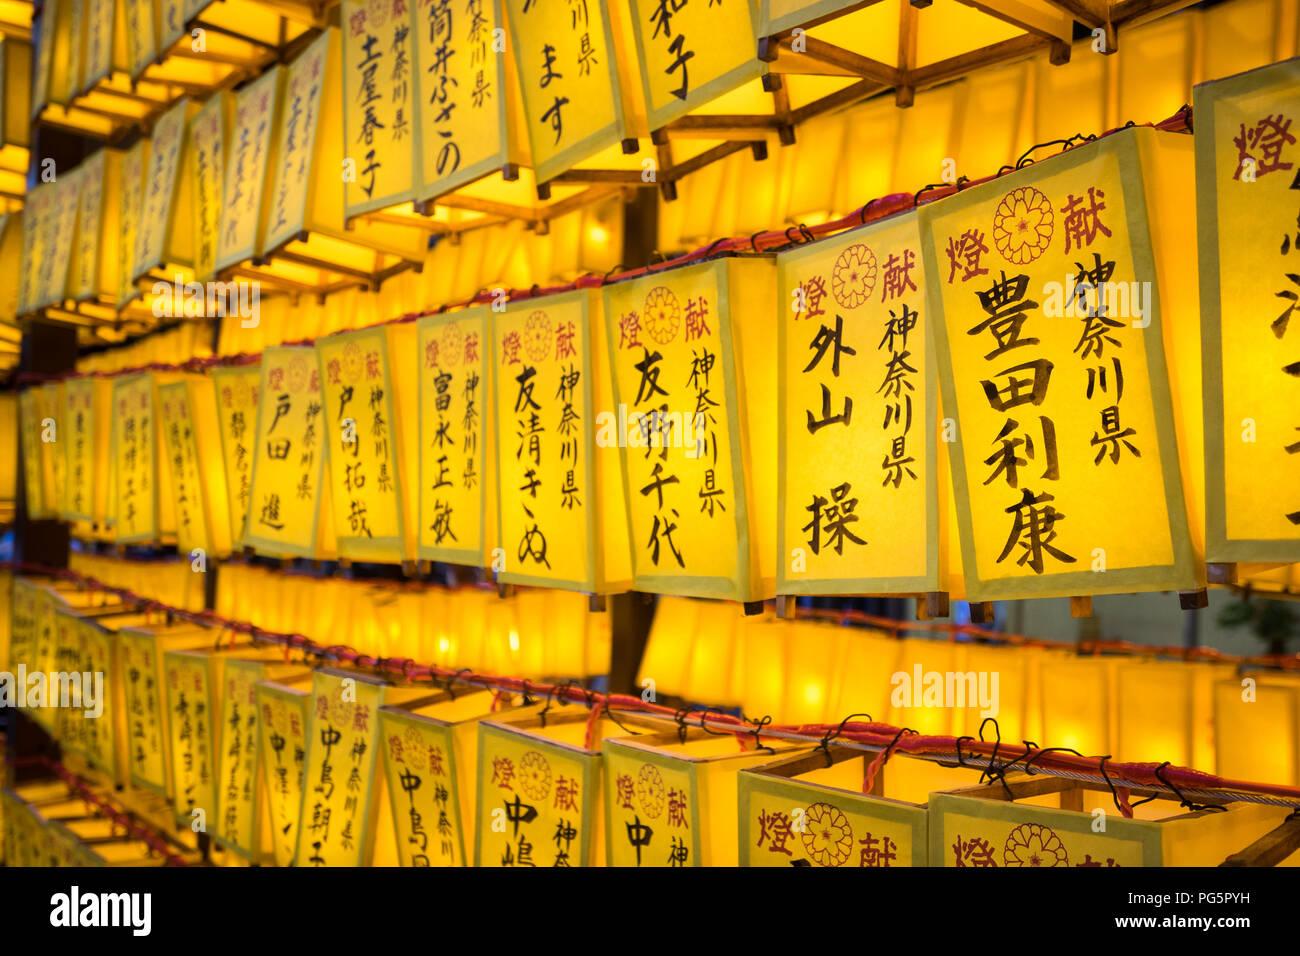 Laternen der 2018 Mitama Matsuri (Mitama Festival), einem berühmten japanischen Obon (Bon) Summer Festival. Yasukuni-schrein Ichigaya, Tokio, Japan. Stockbild